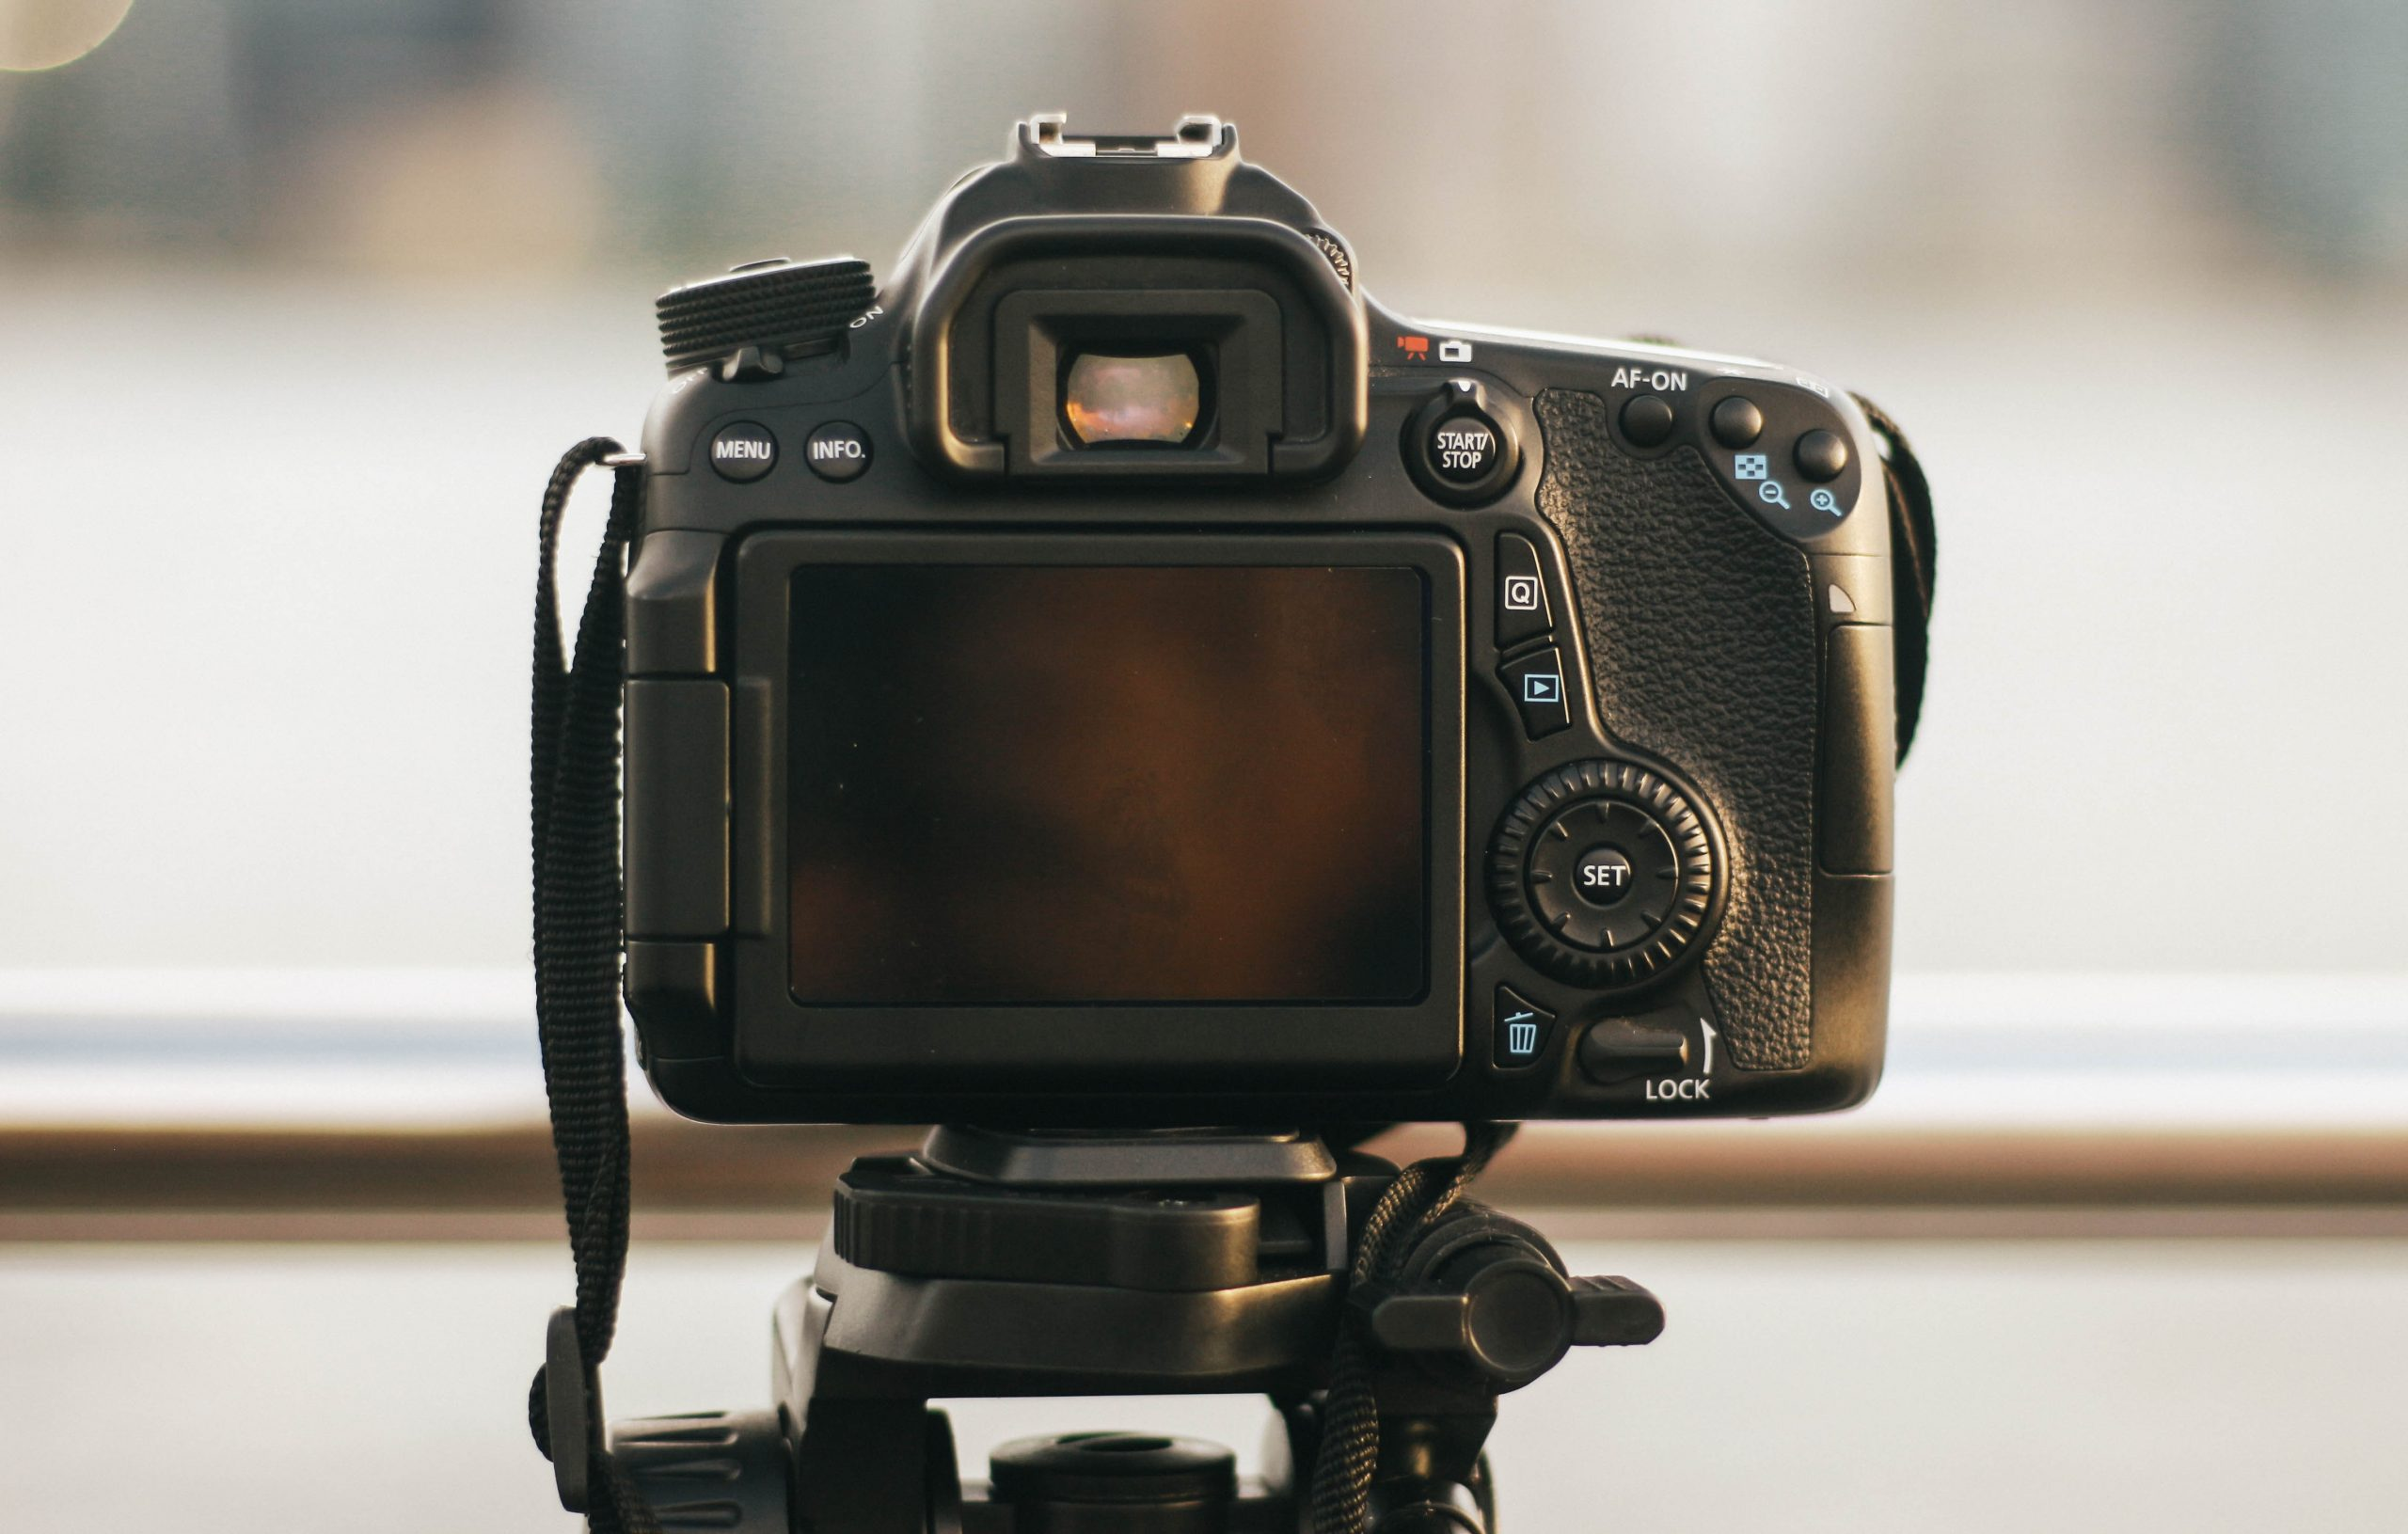 Miglior macchina fotografica 2020: Guida all'acquisto